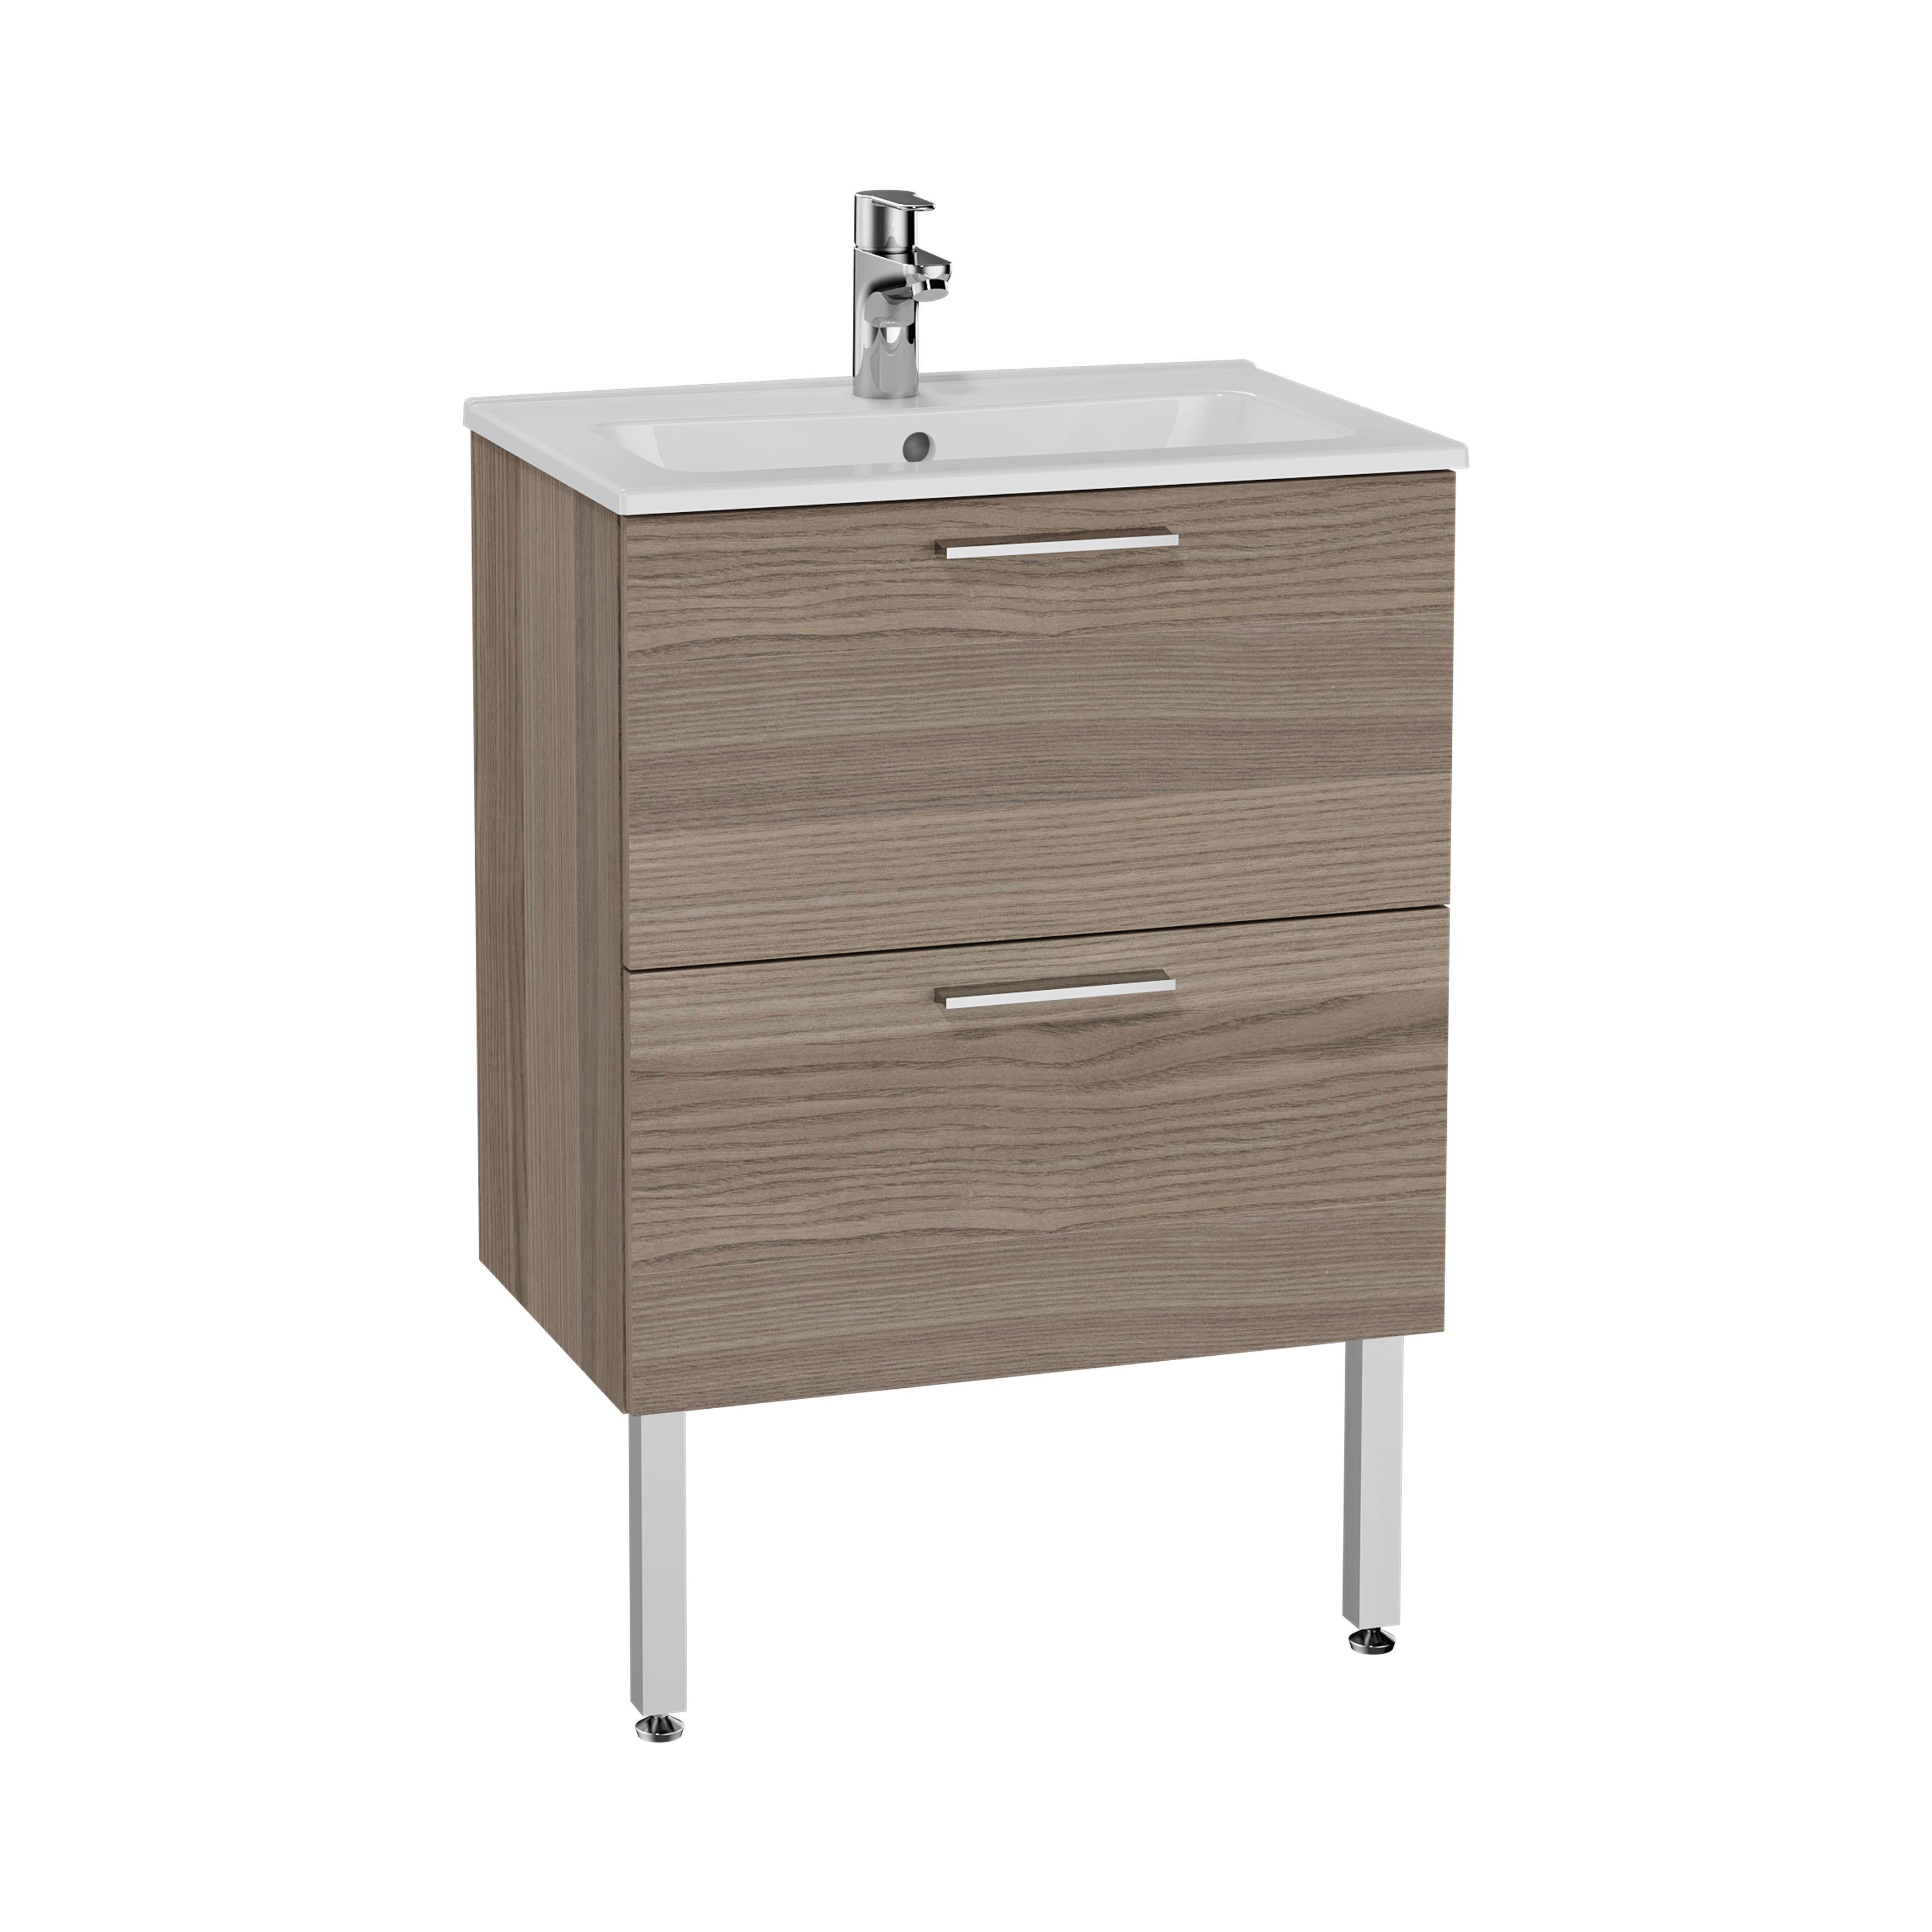 Mia set de meuble, avec 2 tiroirs, sans miroir et éclairage, 60 cm, cordoba